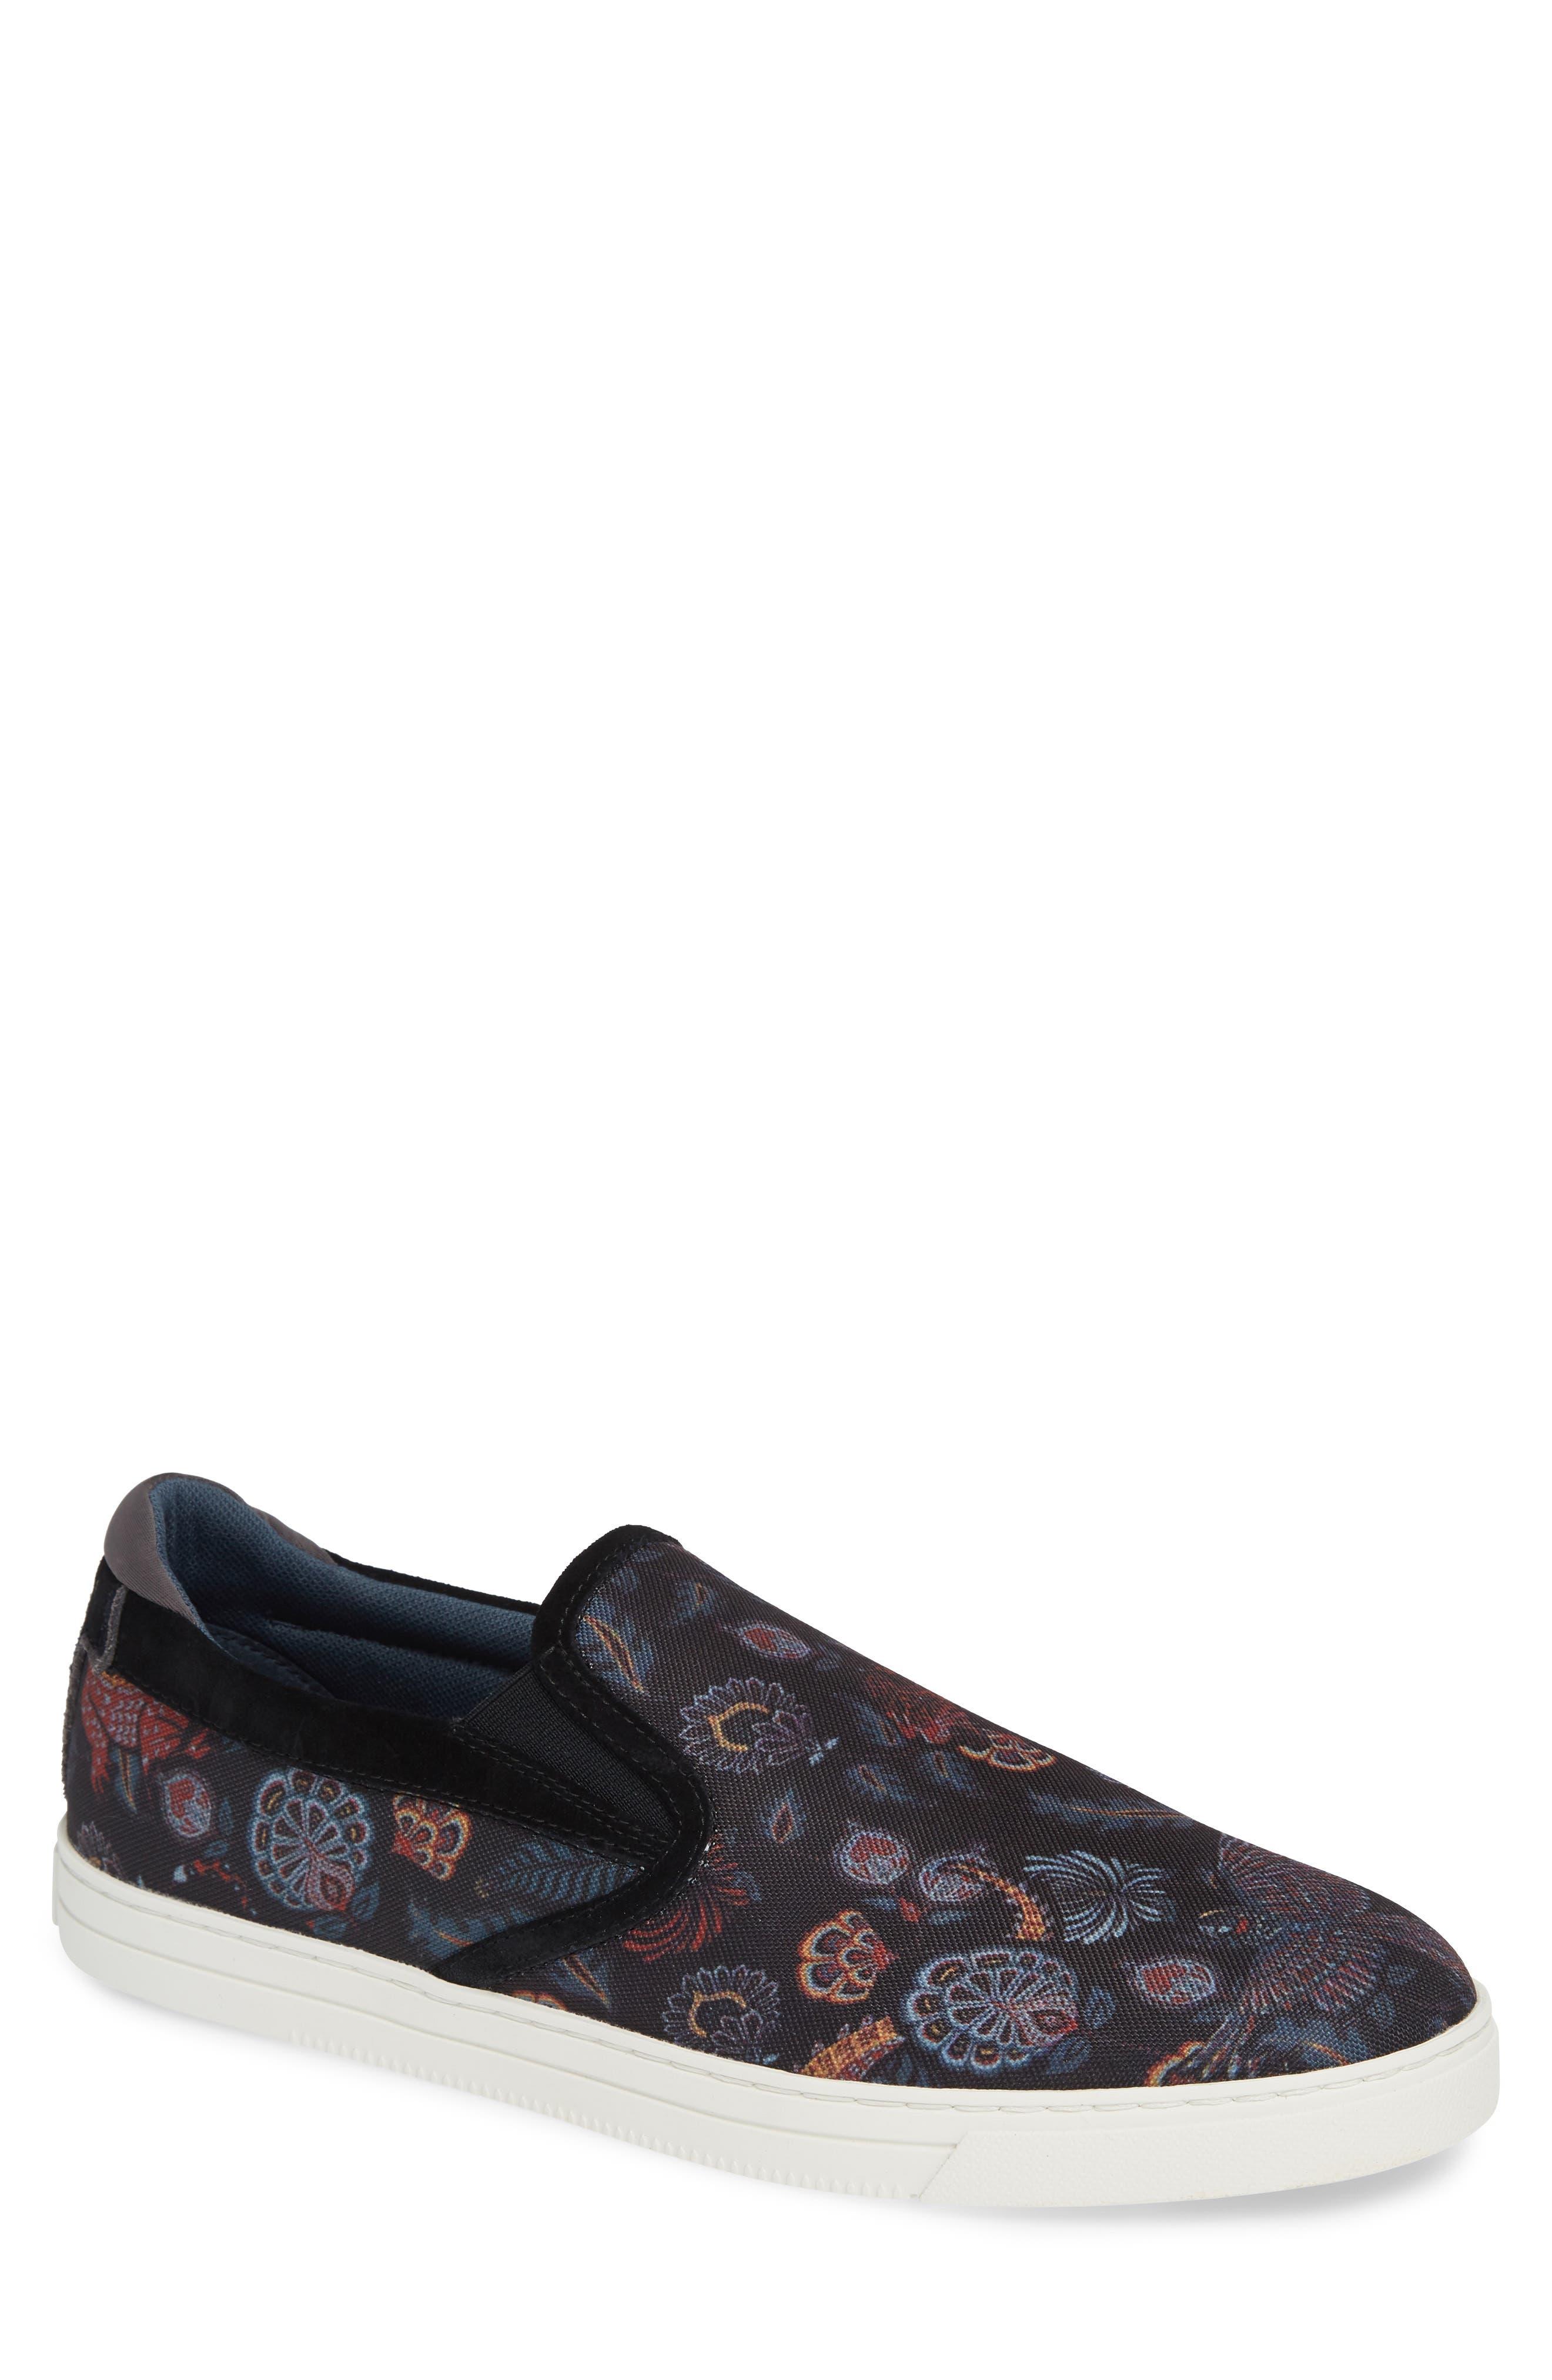 Ted Baker London Mhako Slip-On Sneaker, Black